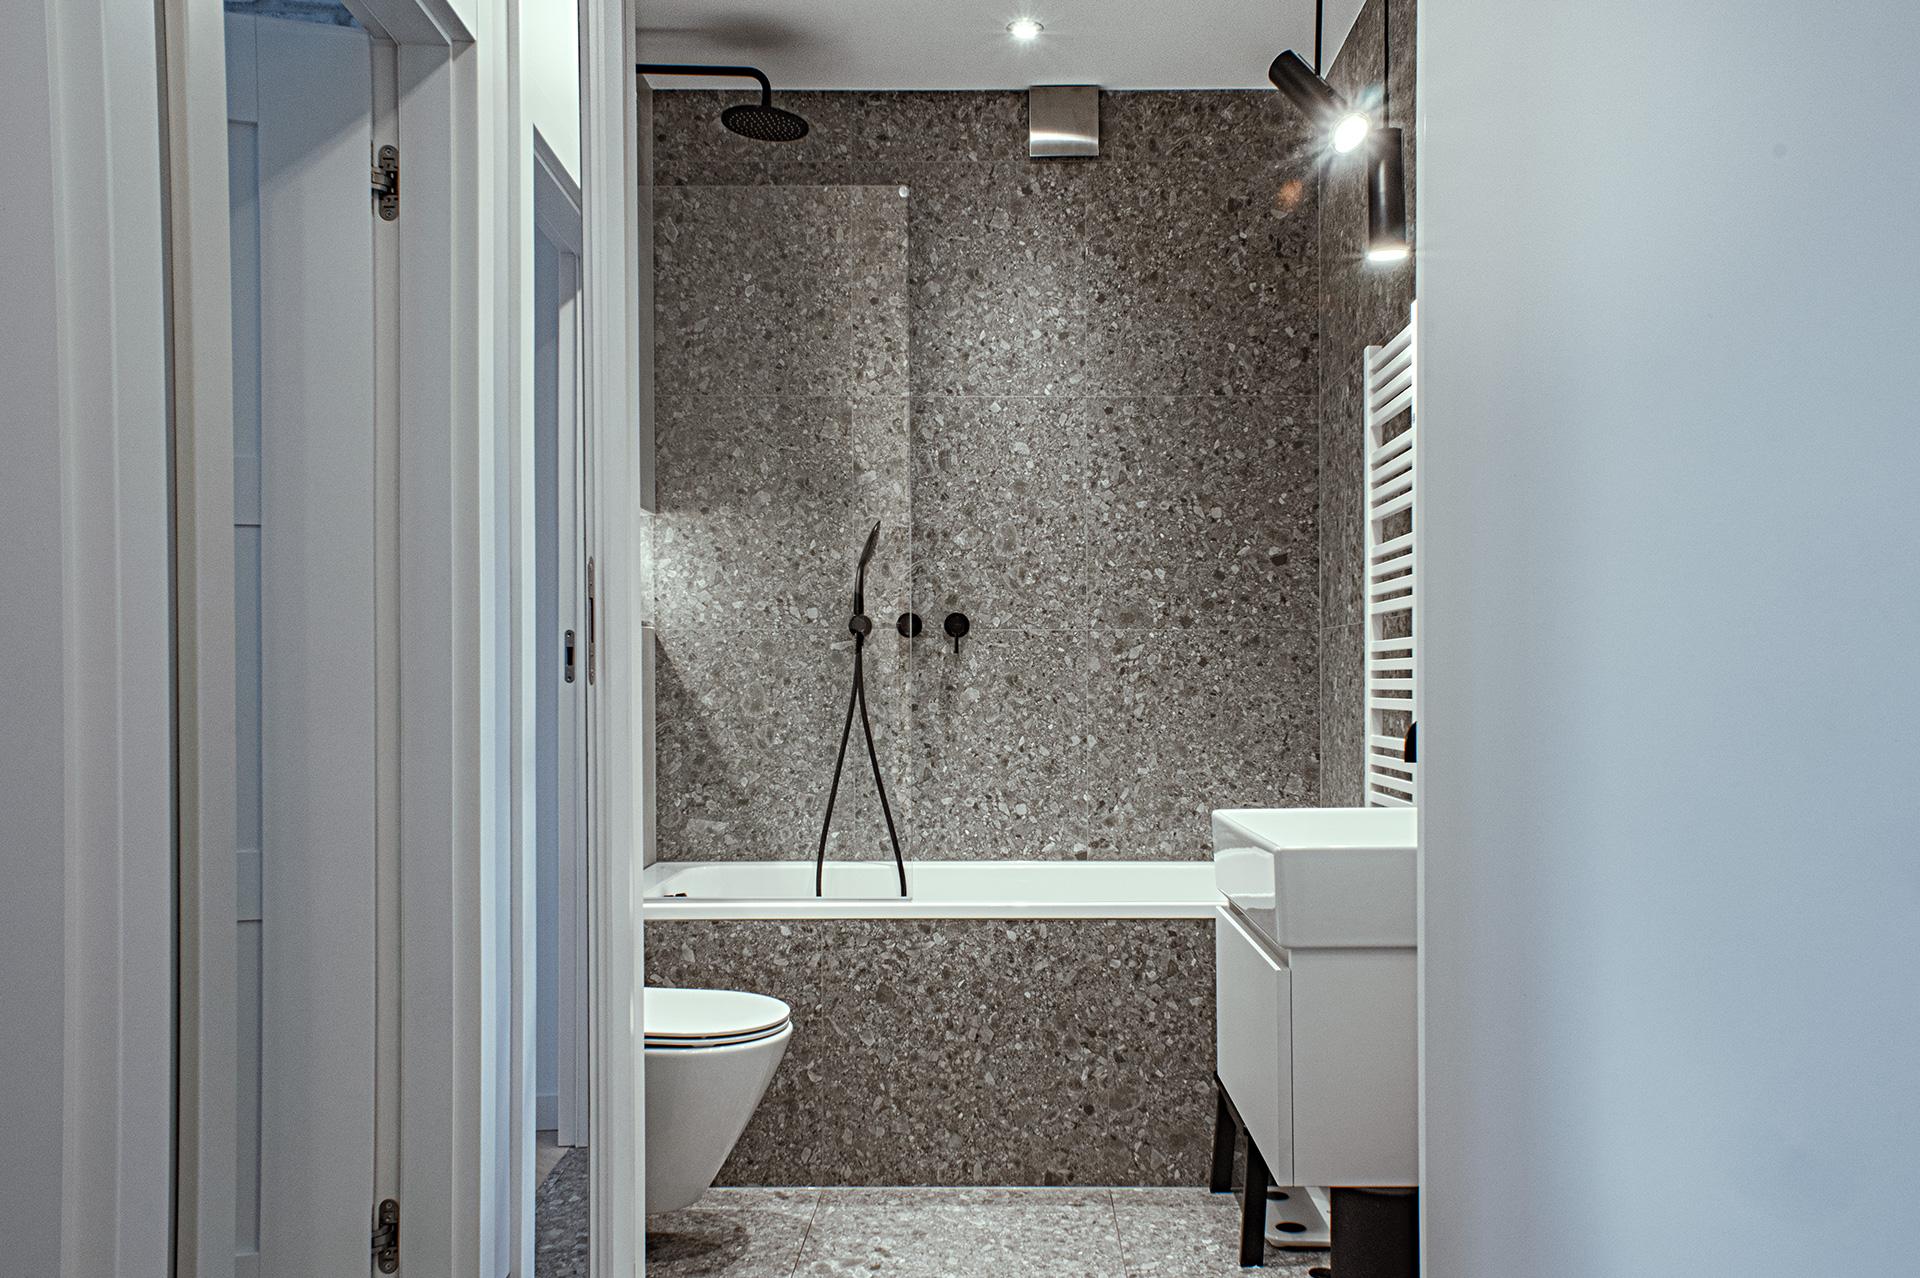 W łazience zmieniono oryginalny układ pomieszczenia, łącząc ją z toaletą – aby lepiej wykorzystać przestrzeń.